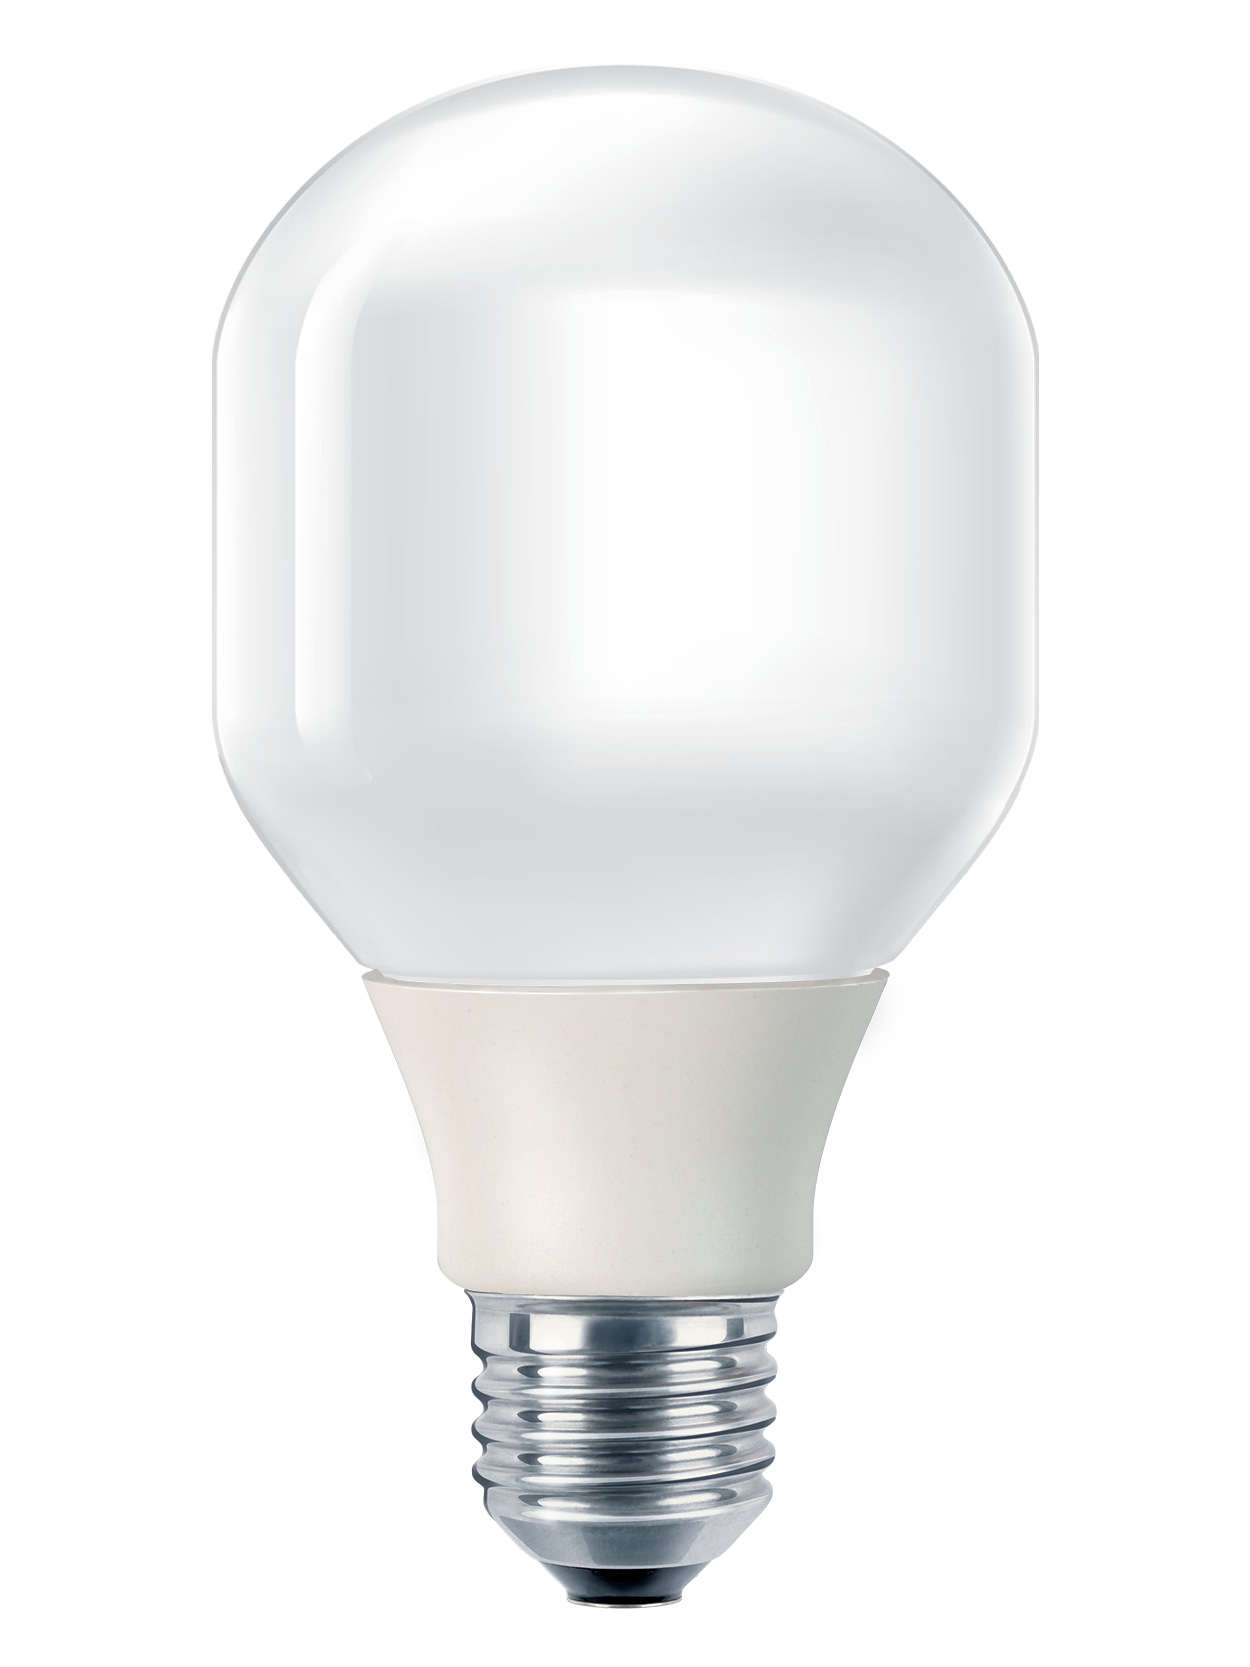 Sanftes, angenehmes energiesparendes Licht